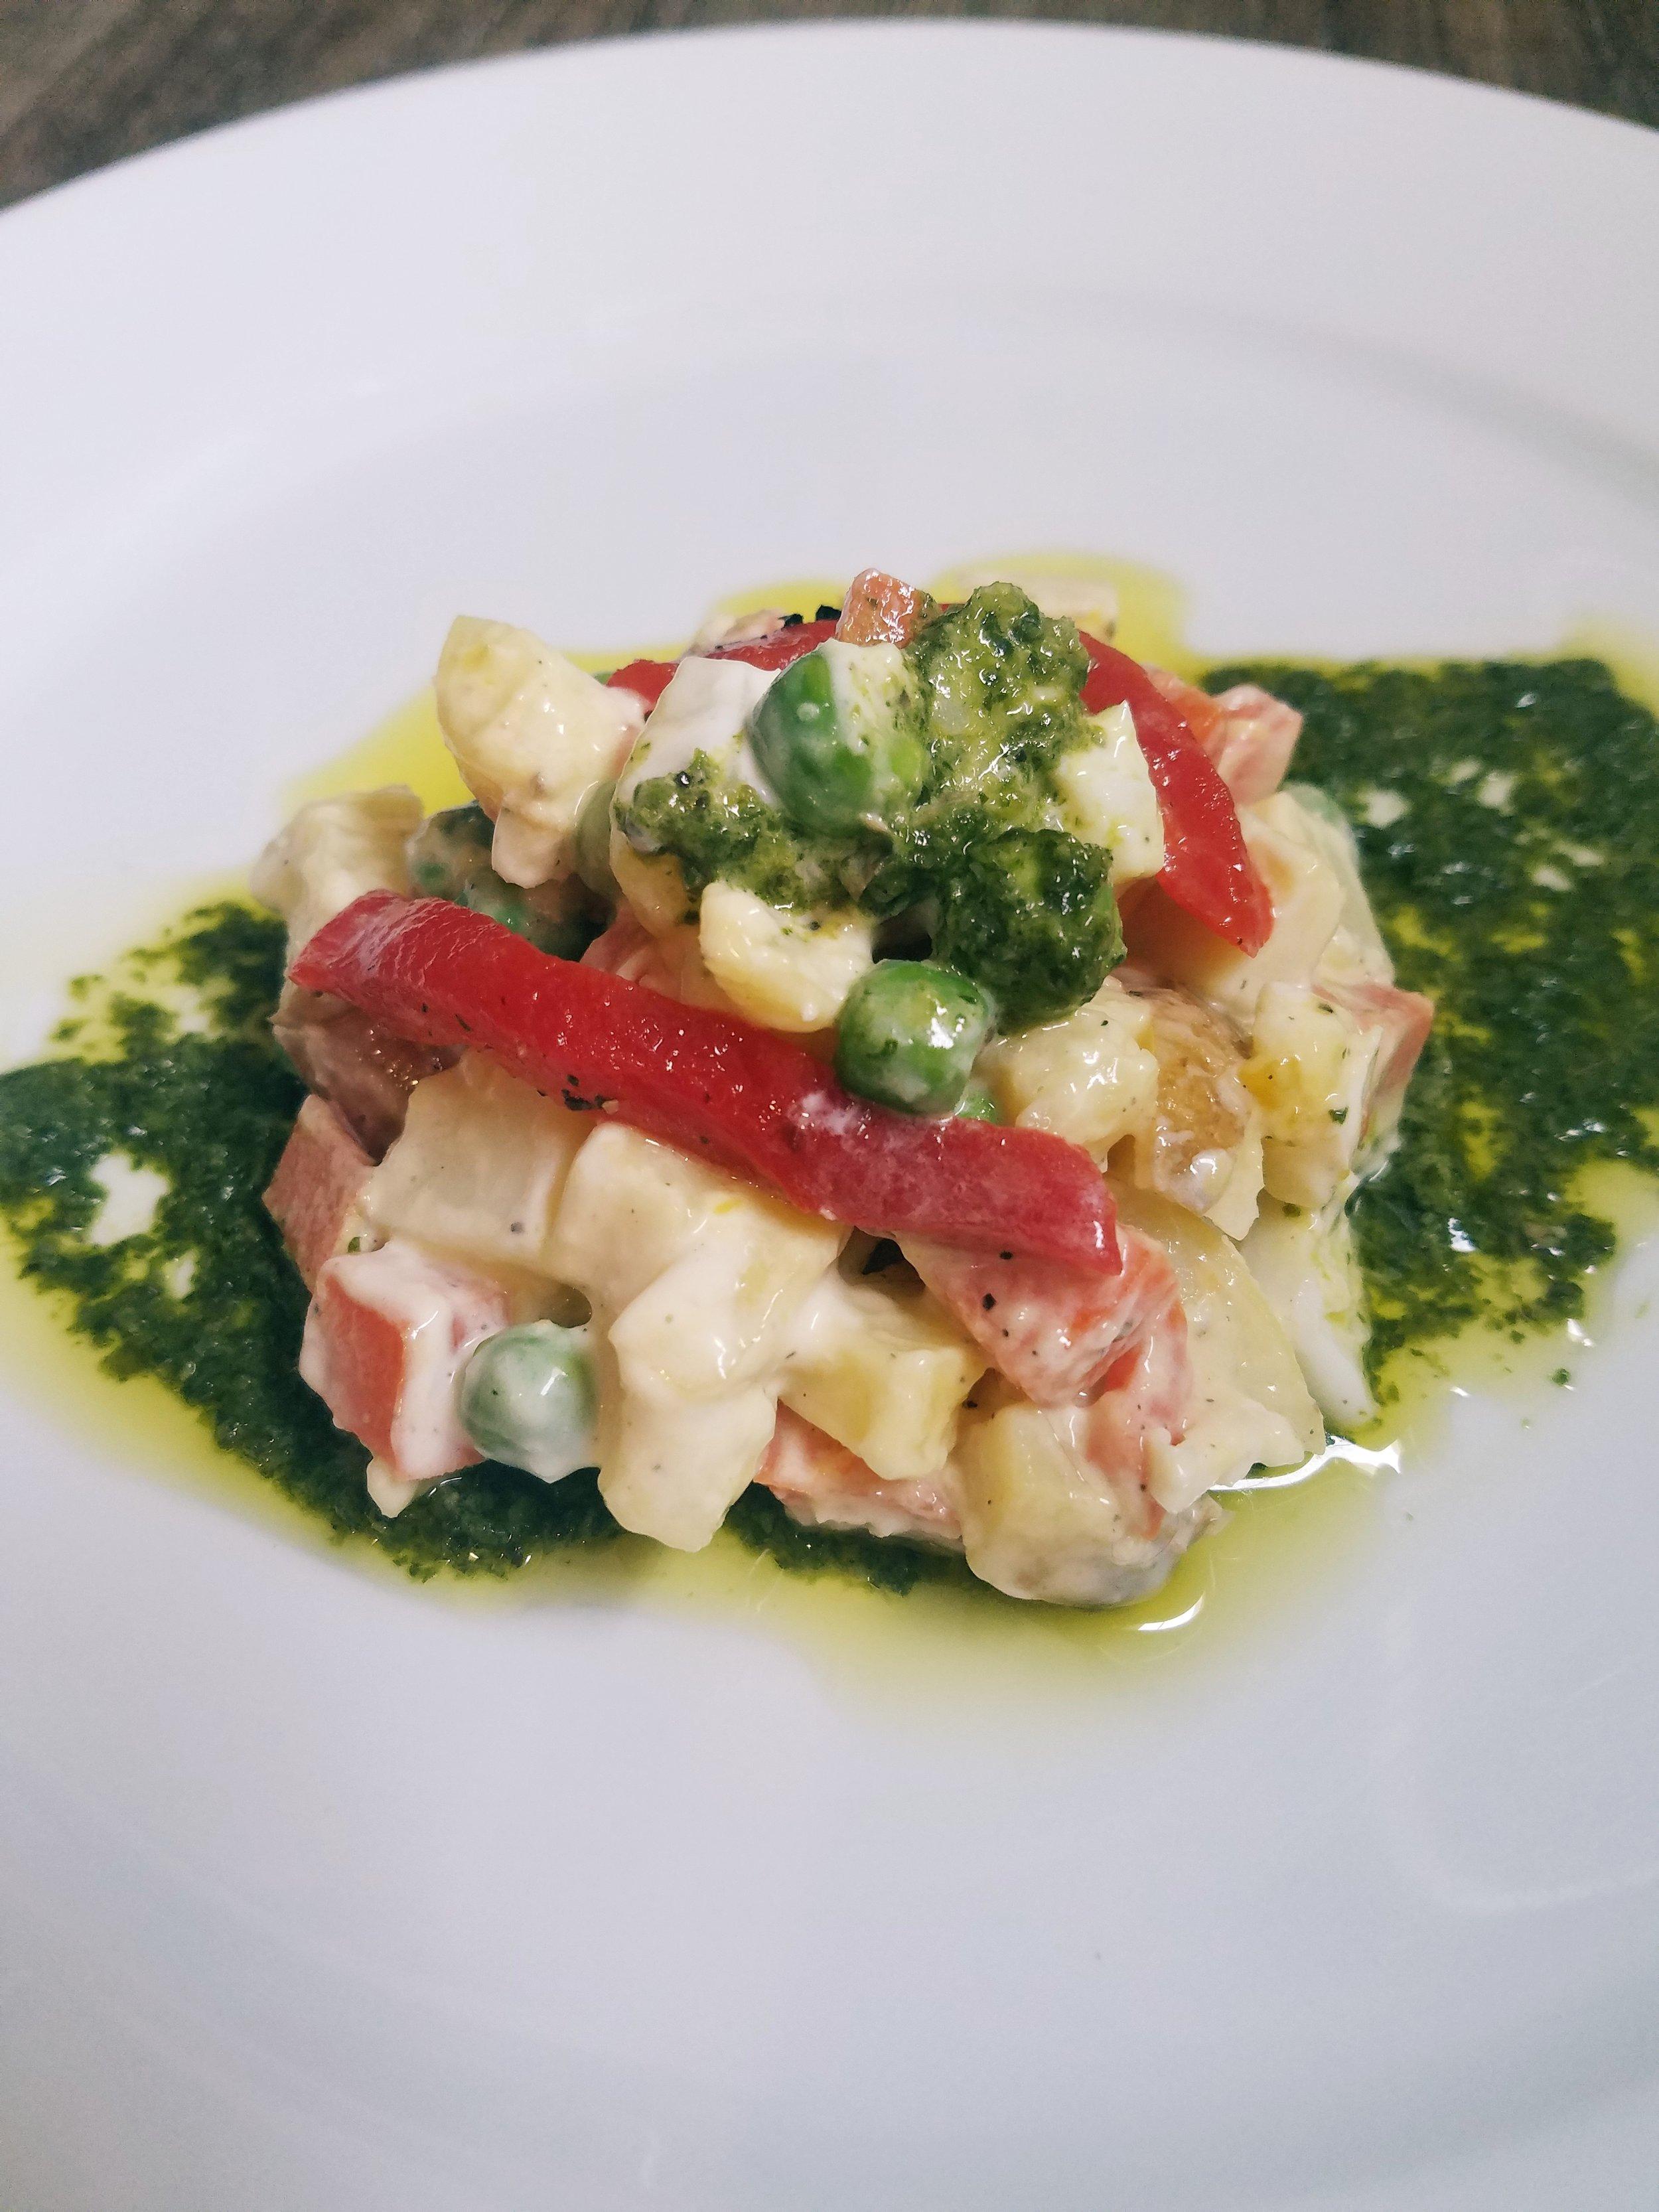 Spanish Potato and Tuna Salad